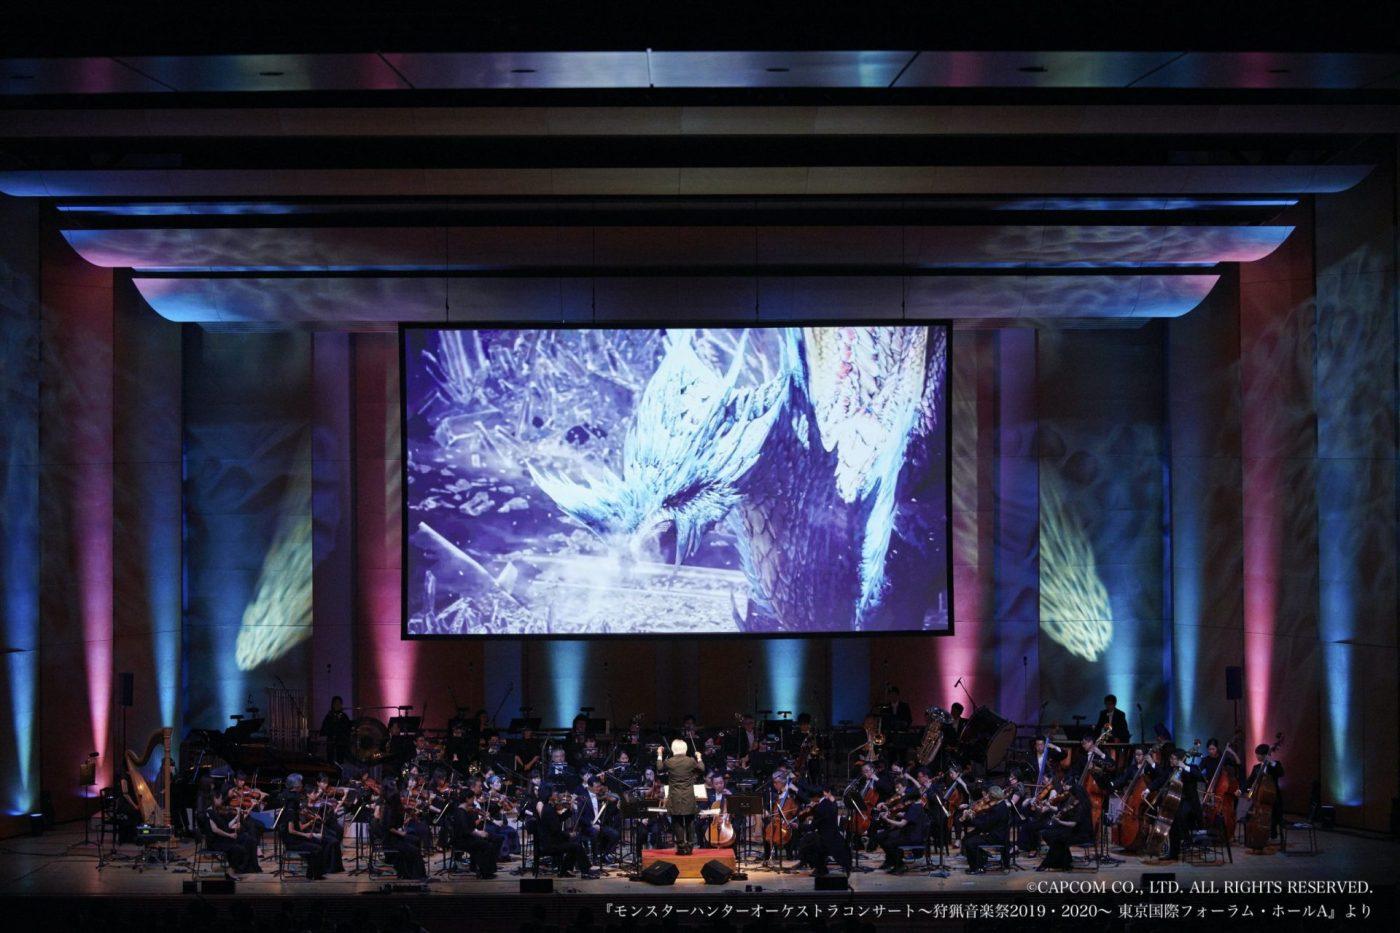 モンスターハンターオーケストラコンサート 〜狩猟音楽祭2021〜